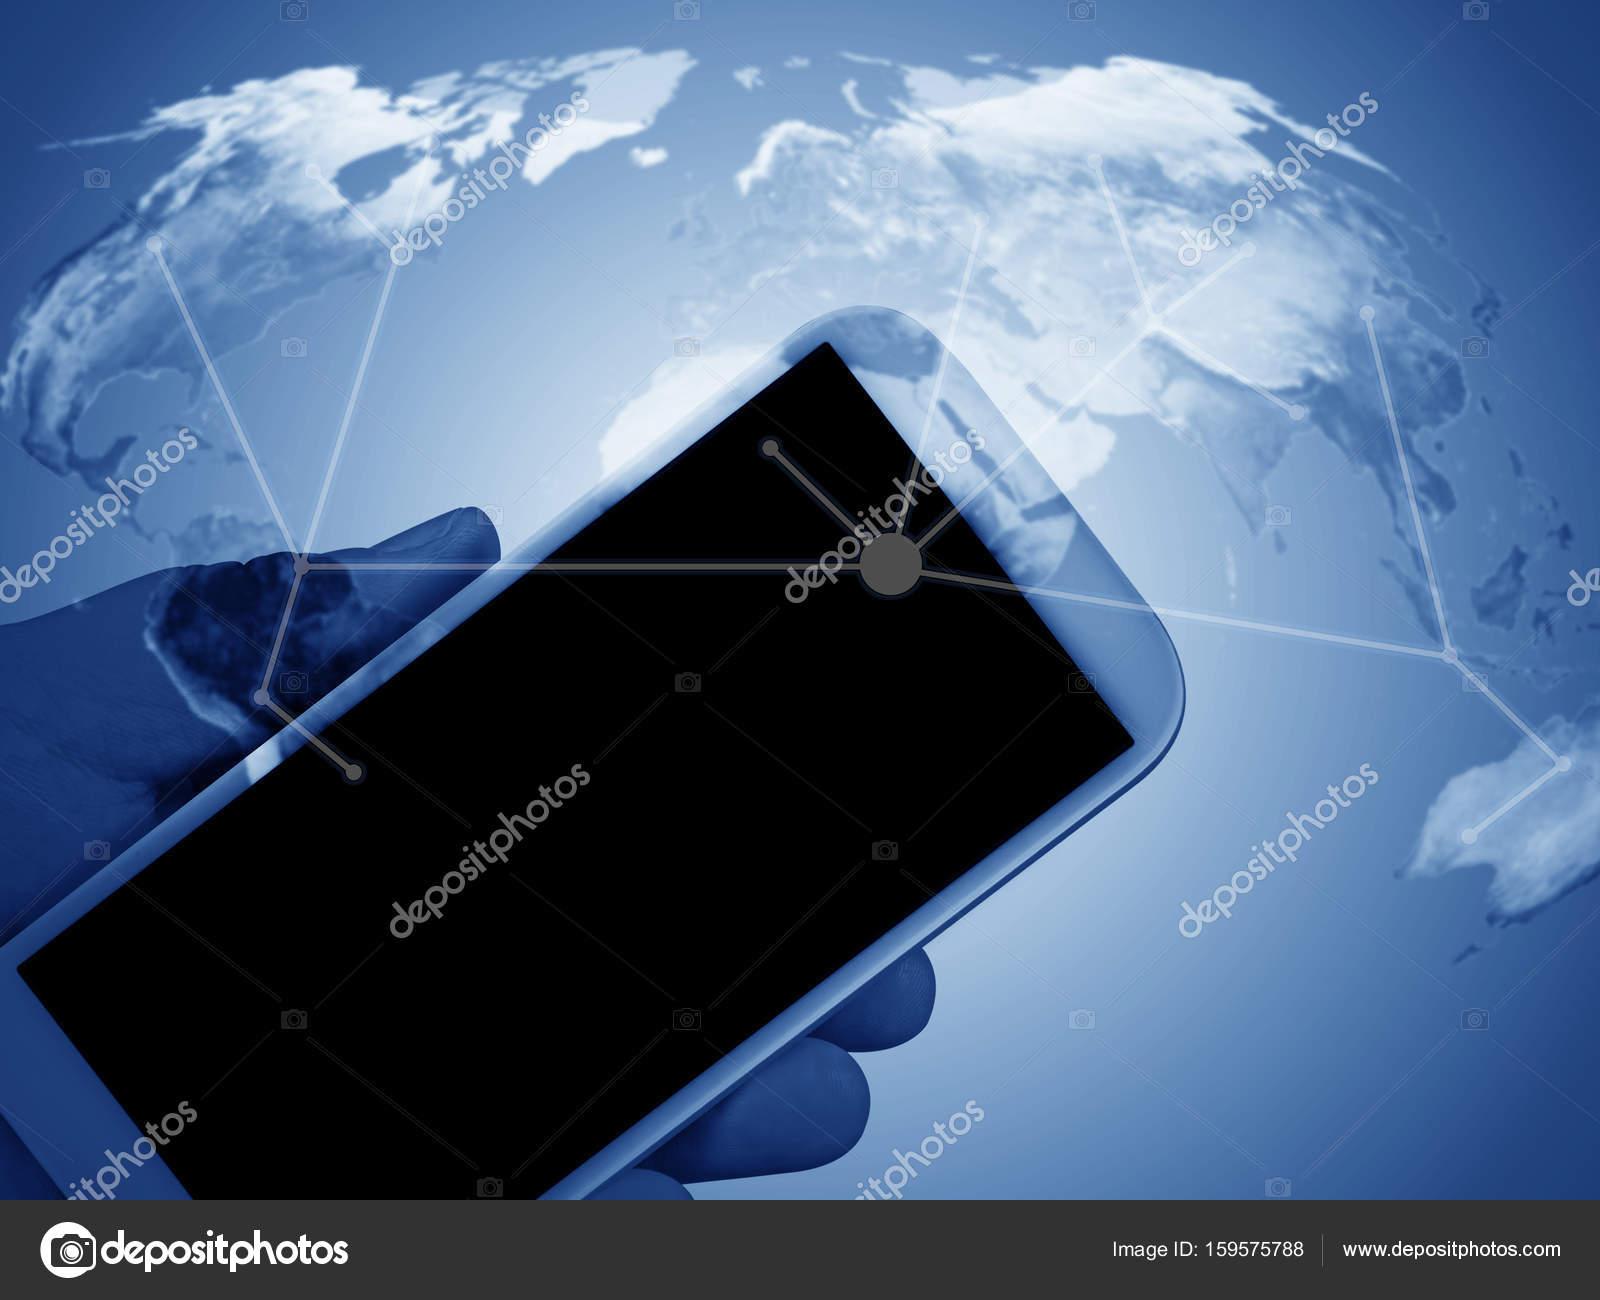 Sfondo Cellulare Foto Stock Fnatic12 159575788